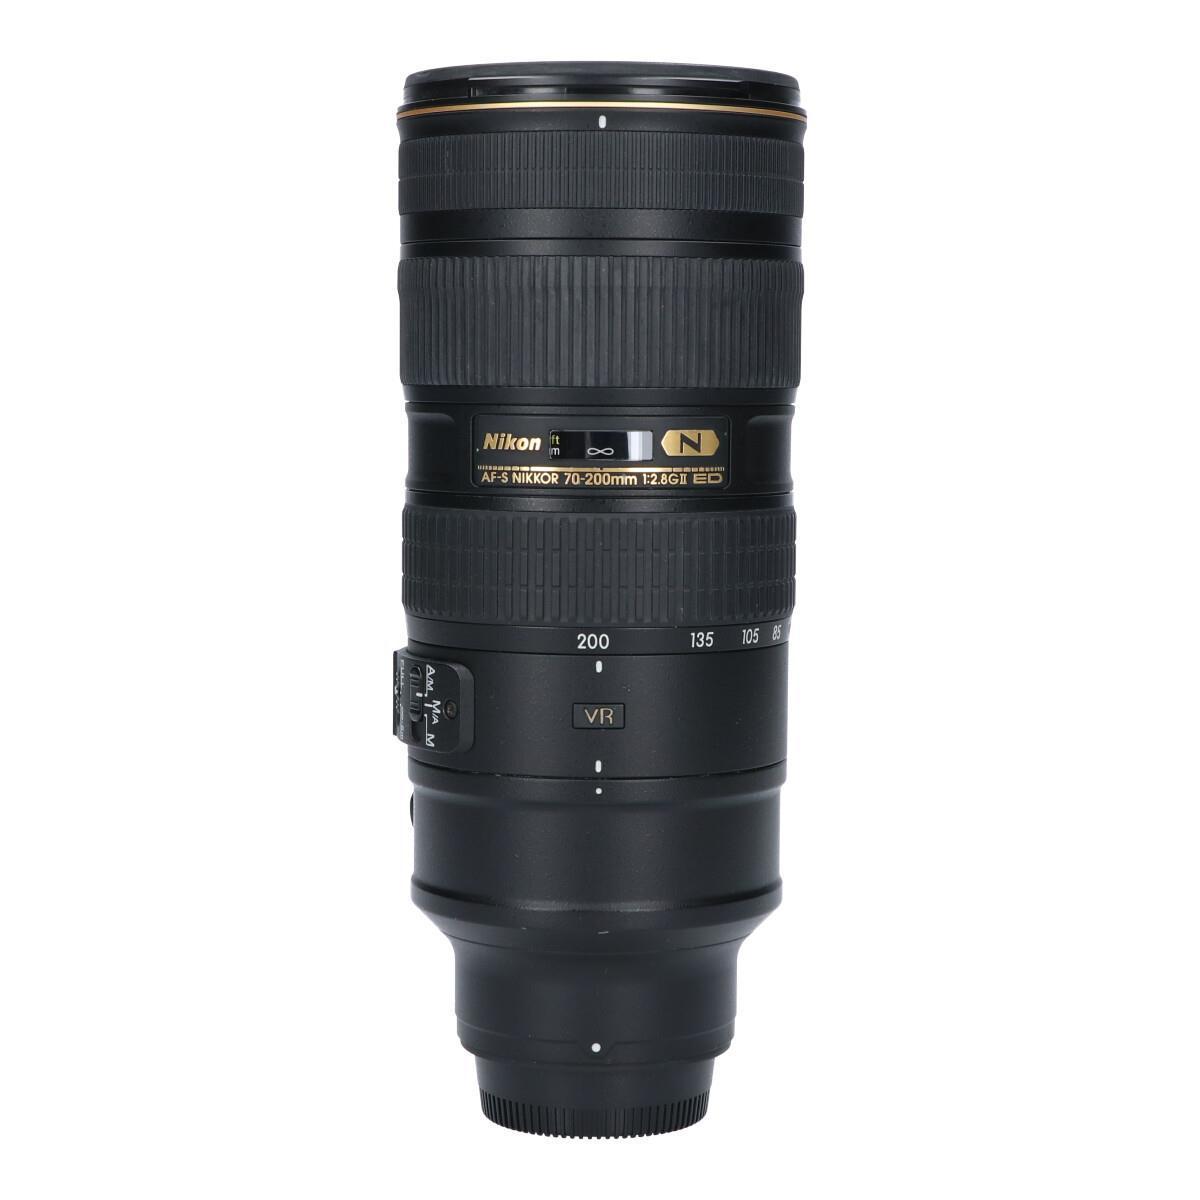 カメラ・ビデオカメラ・光学機器, カメラ用交換レンズ NIKON AFS70200mm F28G VRII